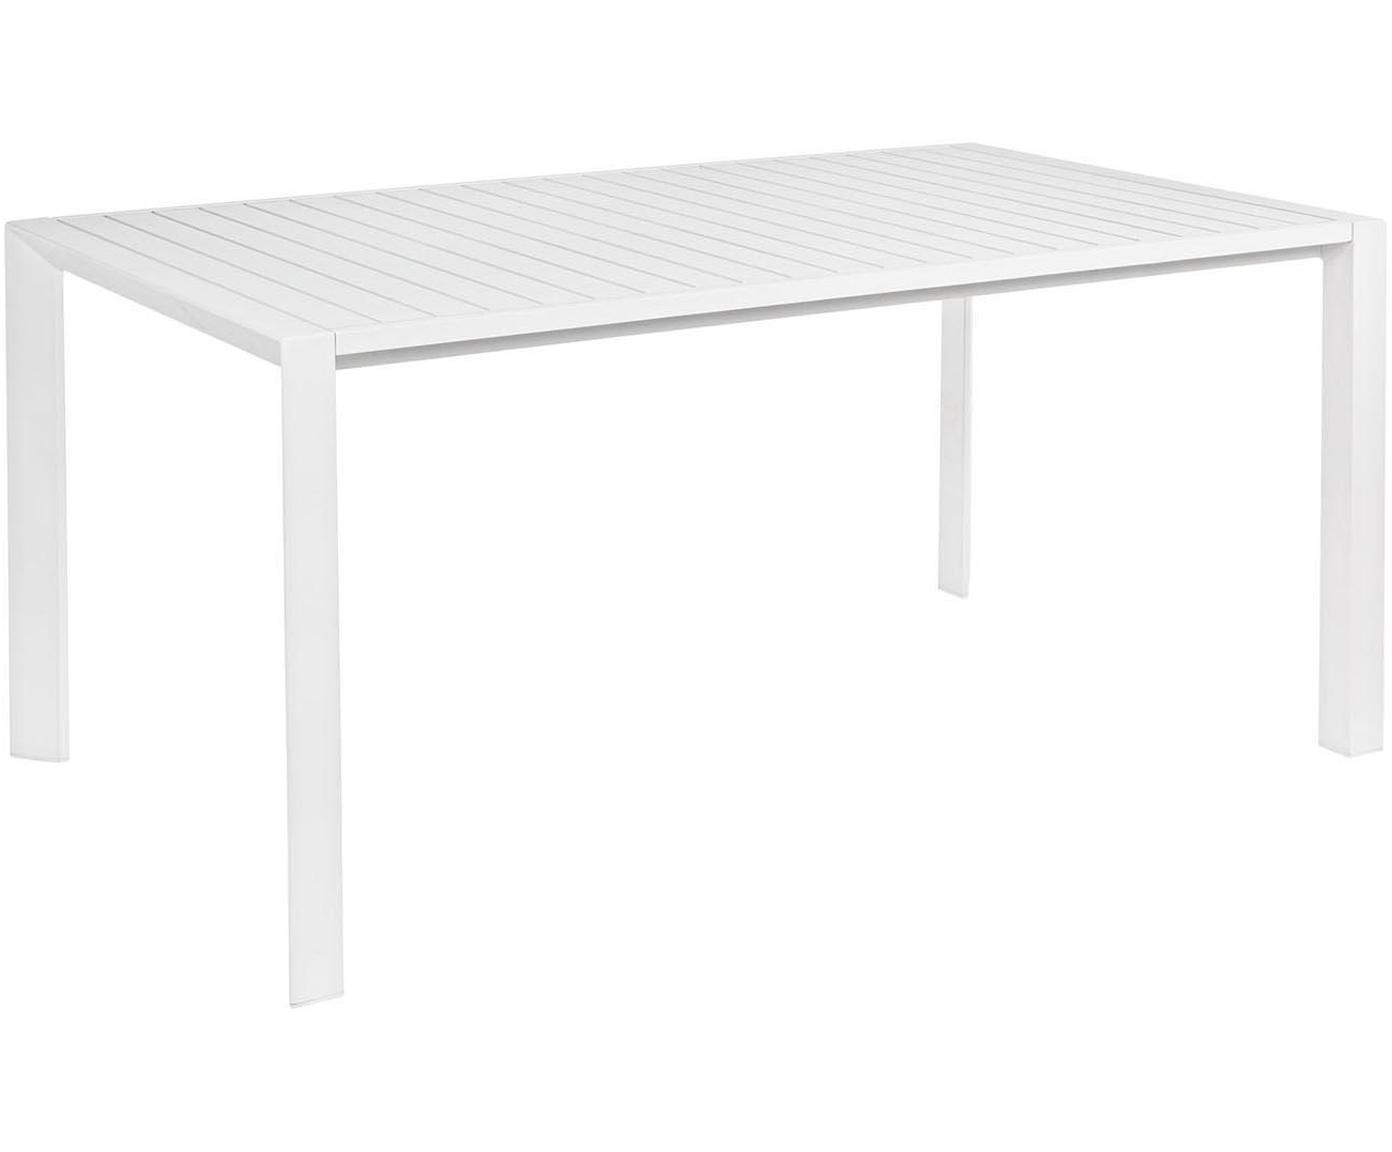 Mesa de comedor Davin, Blanco, An 160 x F 90 cm